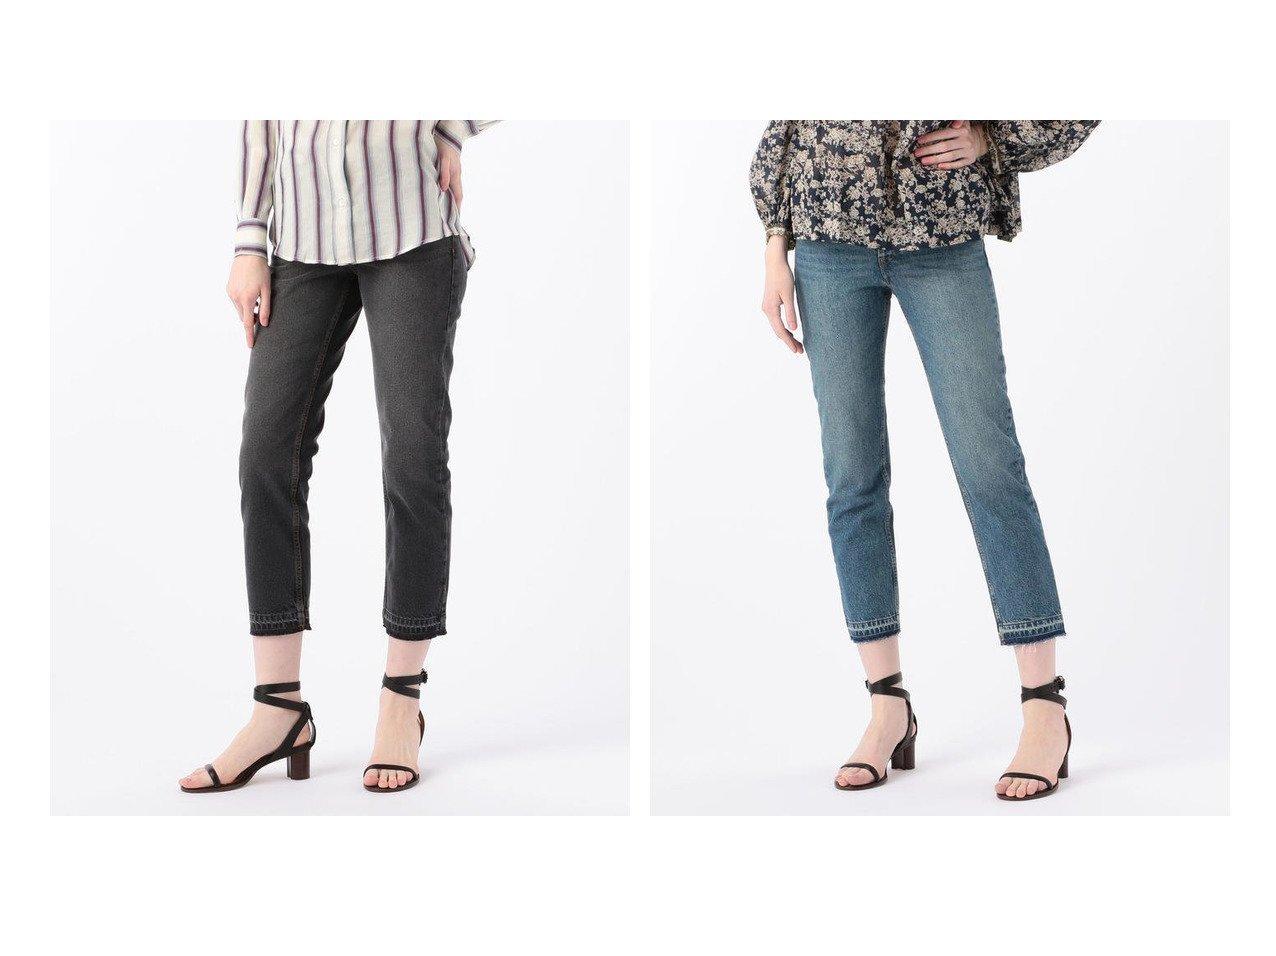 【ISABEL MARANT/イザベル マラン】のISABEL MARANT ETOILE GARANCE コットン フライアウトデニムパンツ パンツのおすすめ!人気、トレンド・レディースファッションの通販 おすすめで人気の流行・トレンド、ファッションの通販商品 メンズファッション・キッズファッション・インテリア・家具・レディースファッション・服の通販 founy(ファニー) https://founy.com/ ファッション Fashion レディースファッション WOMEN パンツ Pants デニムパンツ Denim Pants 2020年 2020 2020 春夏 S/S SS Spring/Summer 2020 S/S 春夏 SS Spring/Summer インド デニム |ID:crp329100000024464